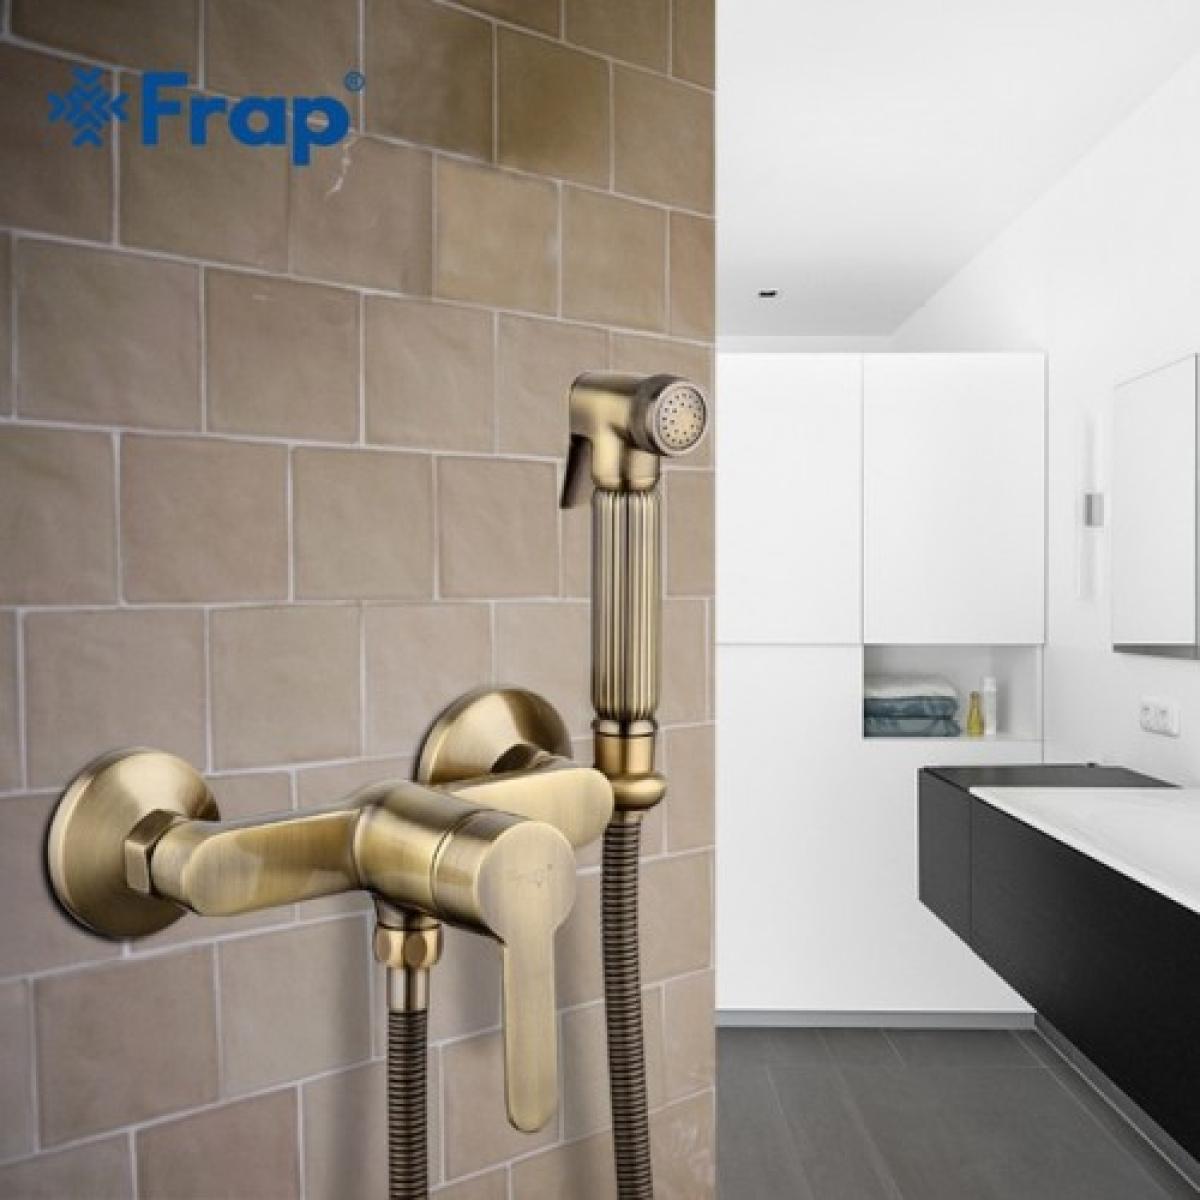 Гигиенический душ со смесителем бронза frap f2041-4